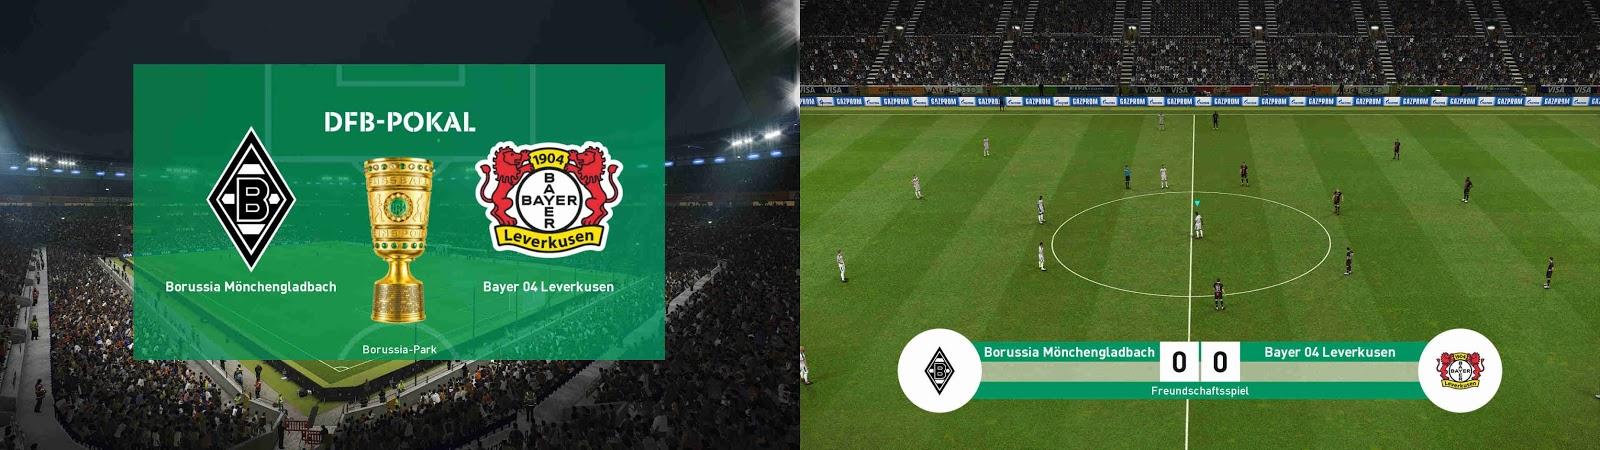 dfb pokal gewinnspiel 2019